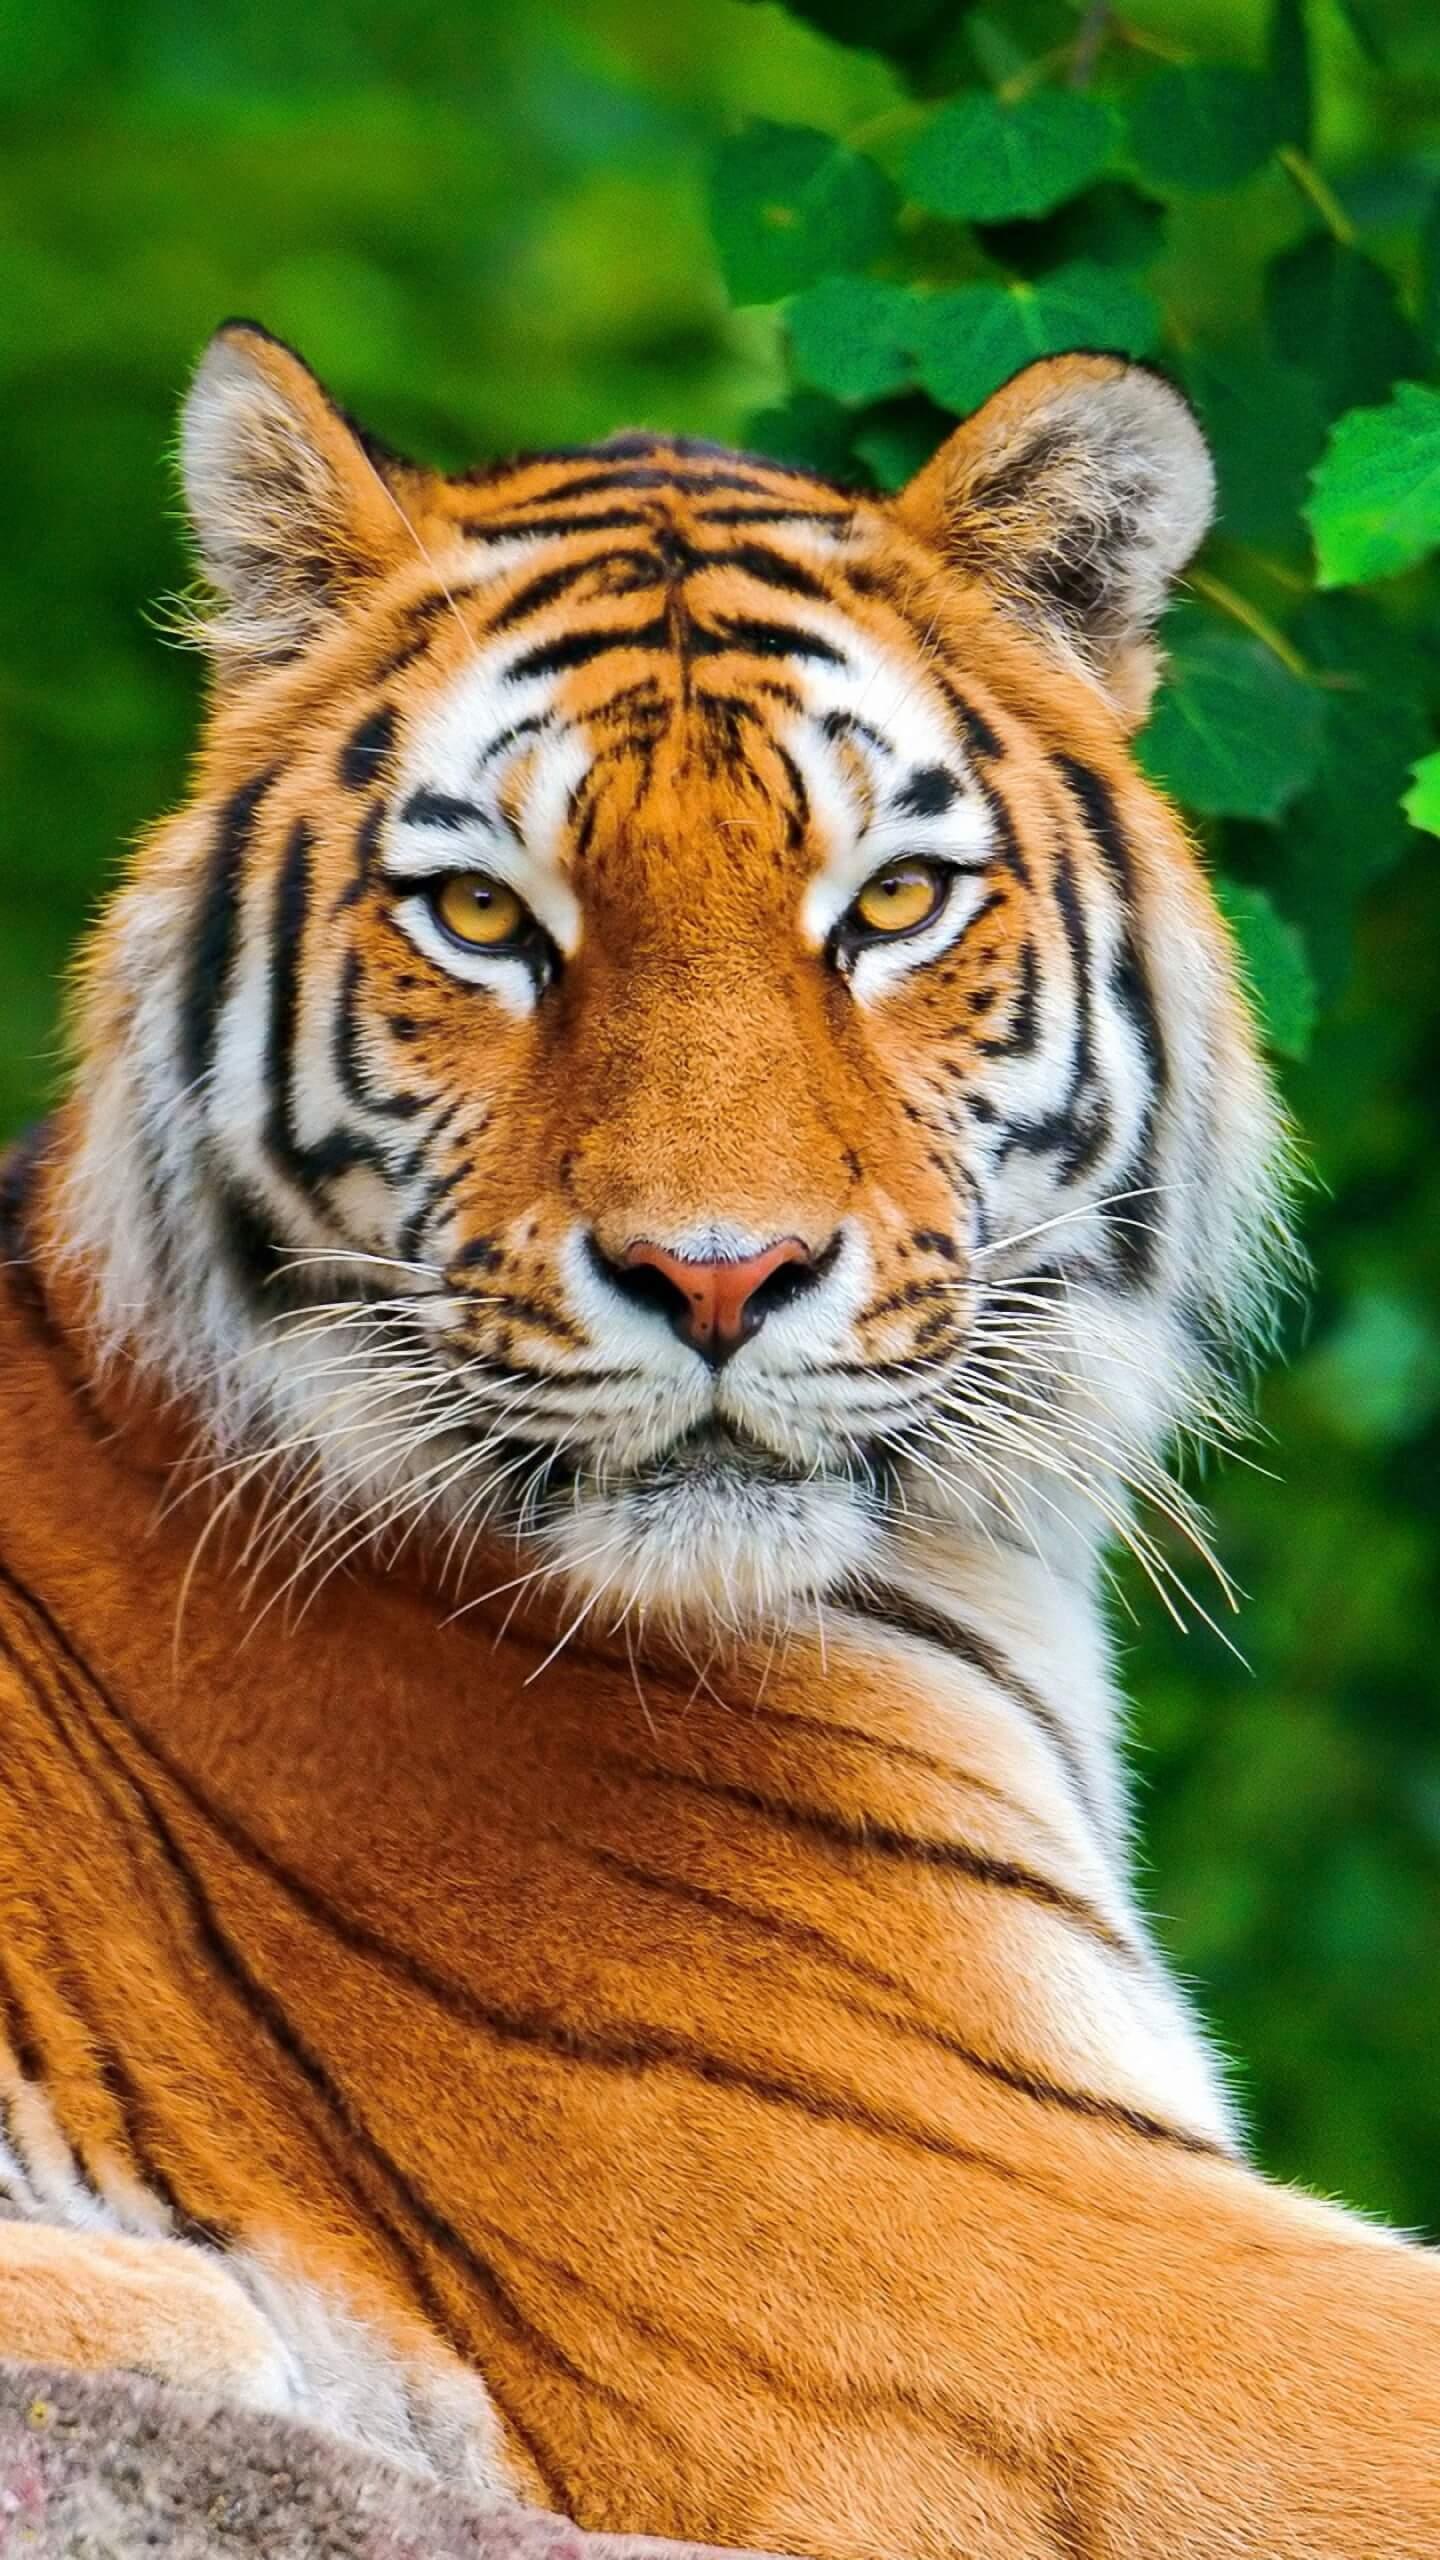 Красивые и крутые картинки тигра на заставку телефона - подборка 1